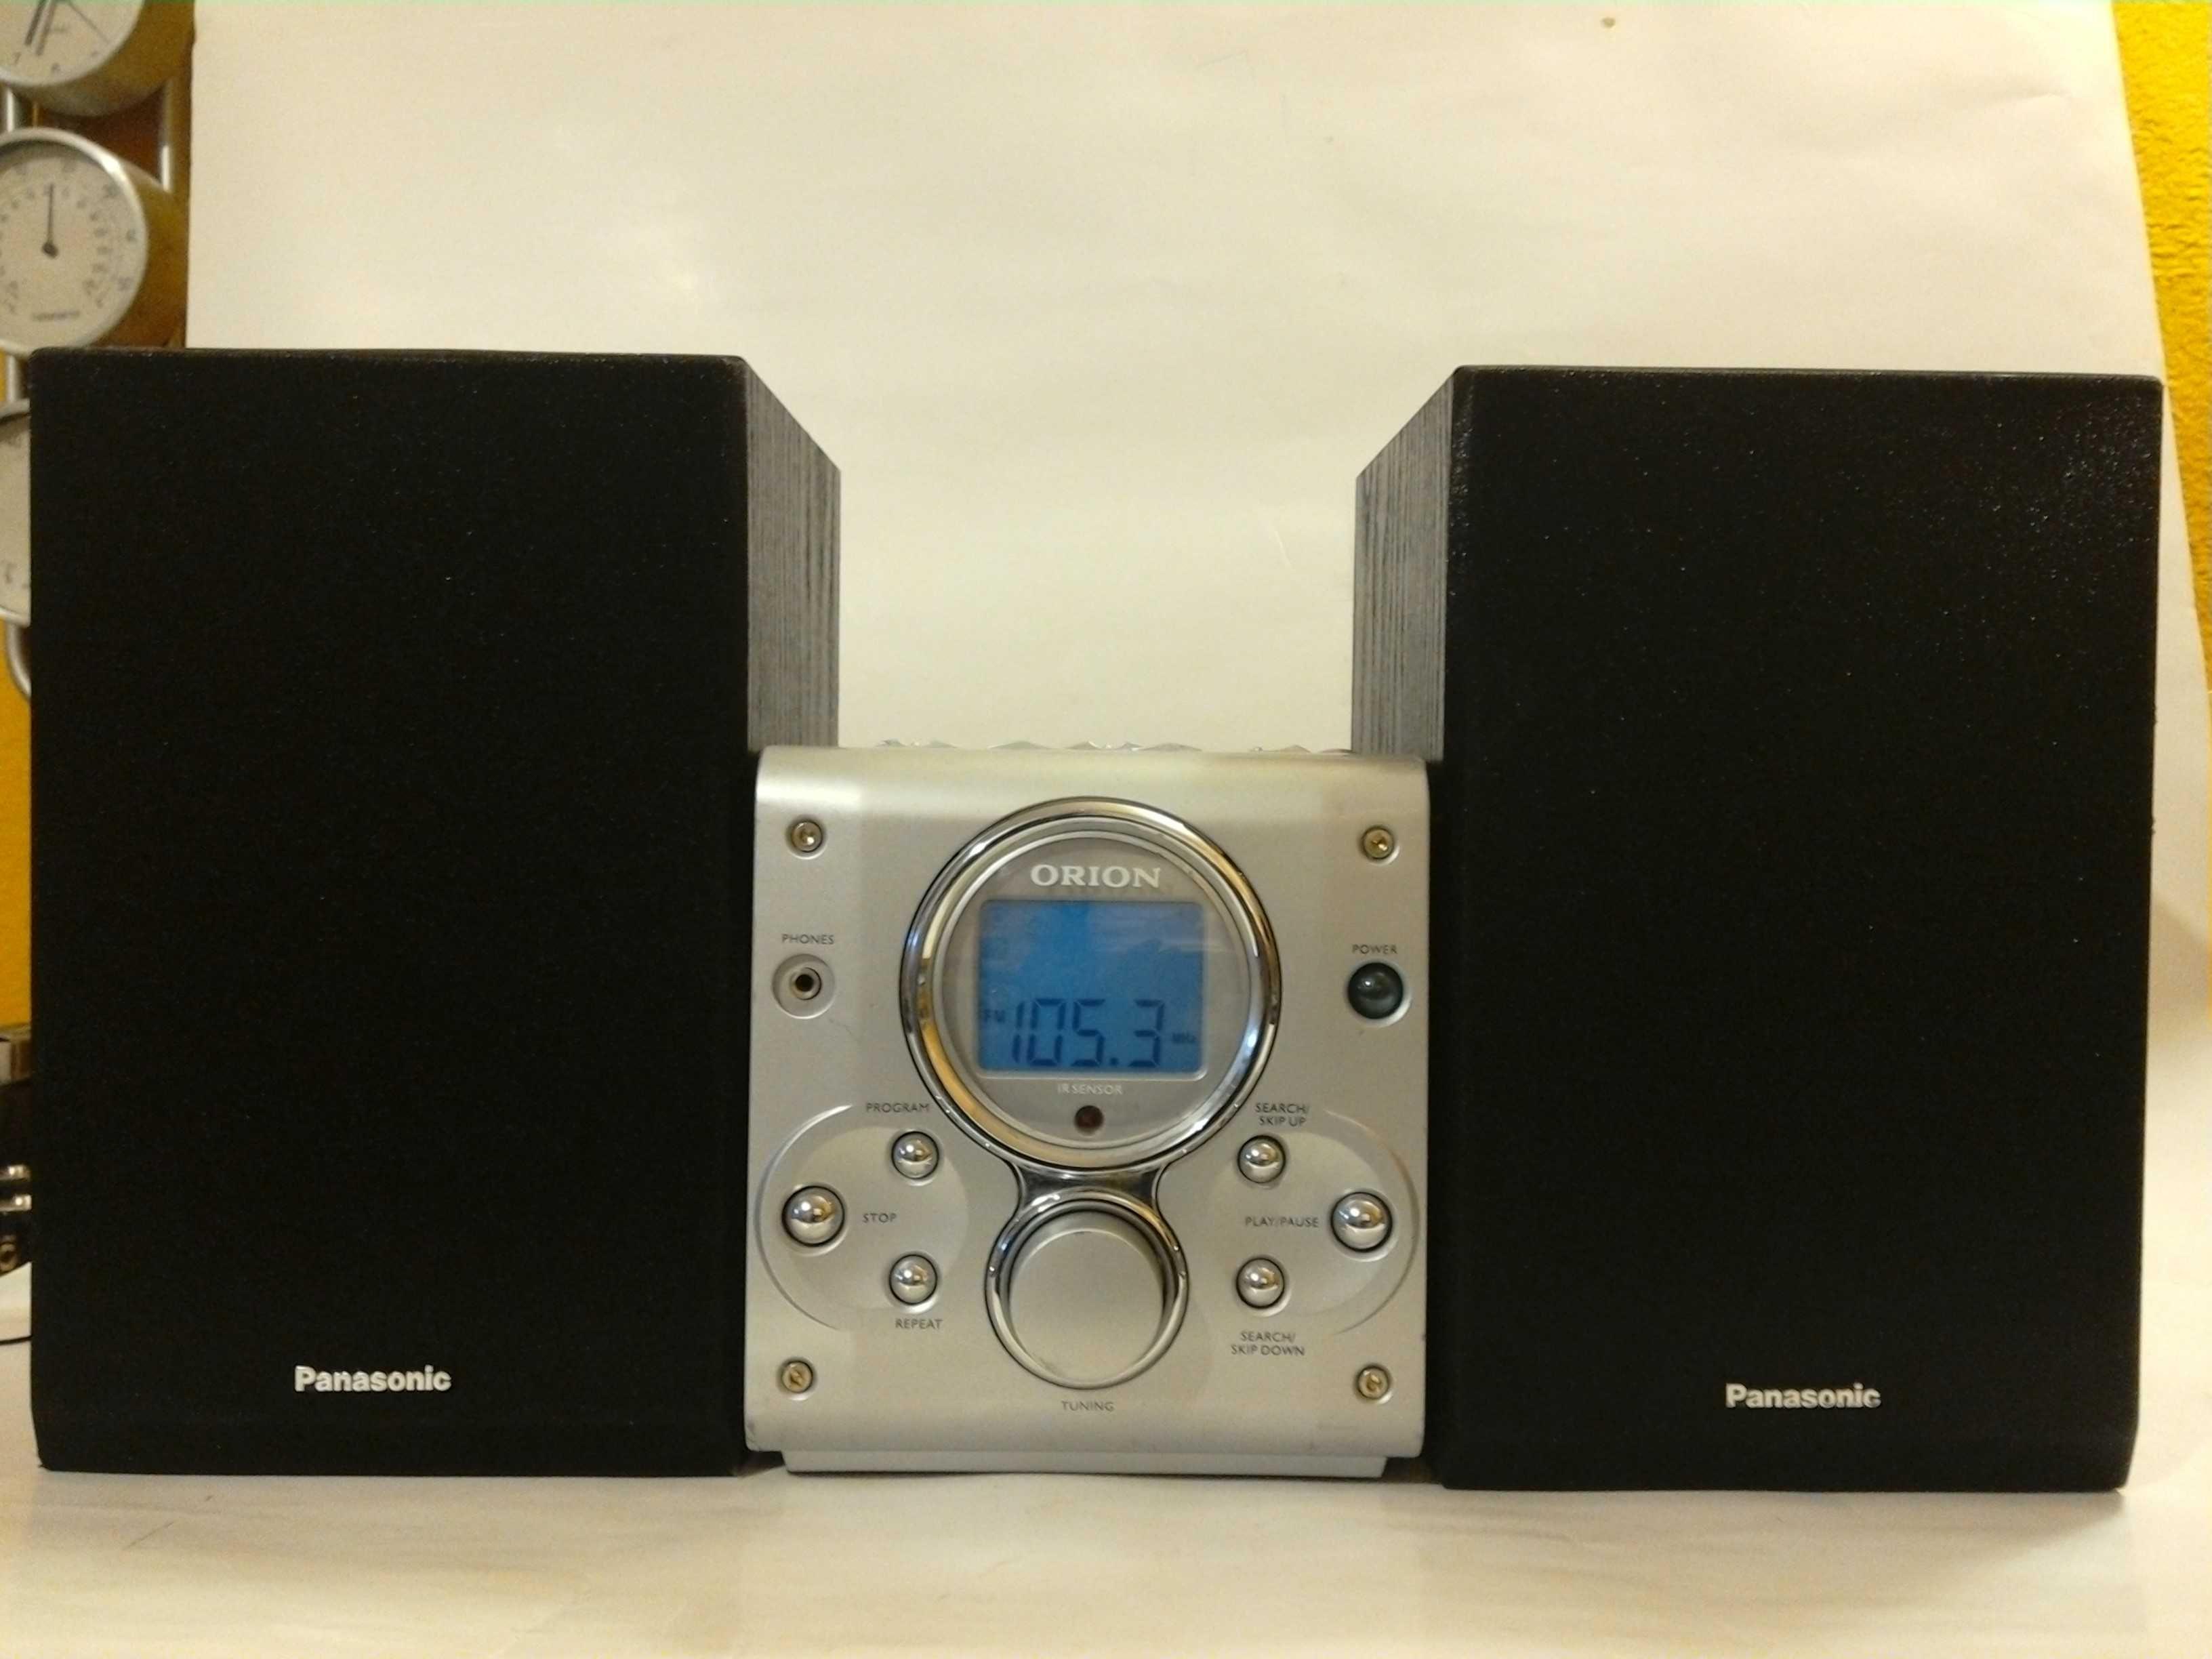 Wieża ORION CD-R/RW radio cyfrowe z FM idealna do garażu. Tanio !